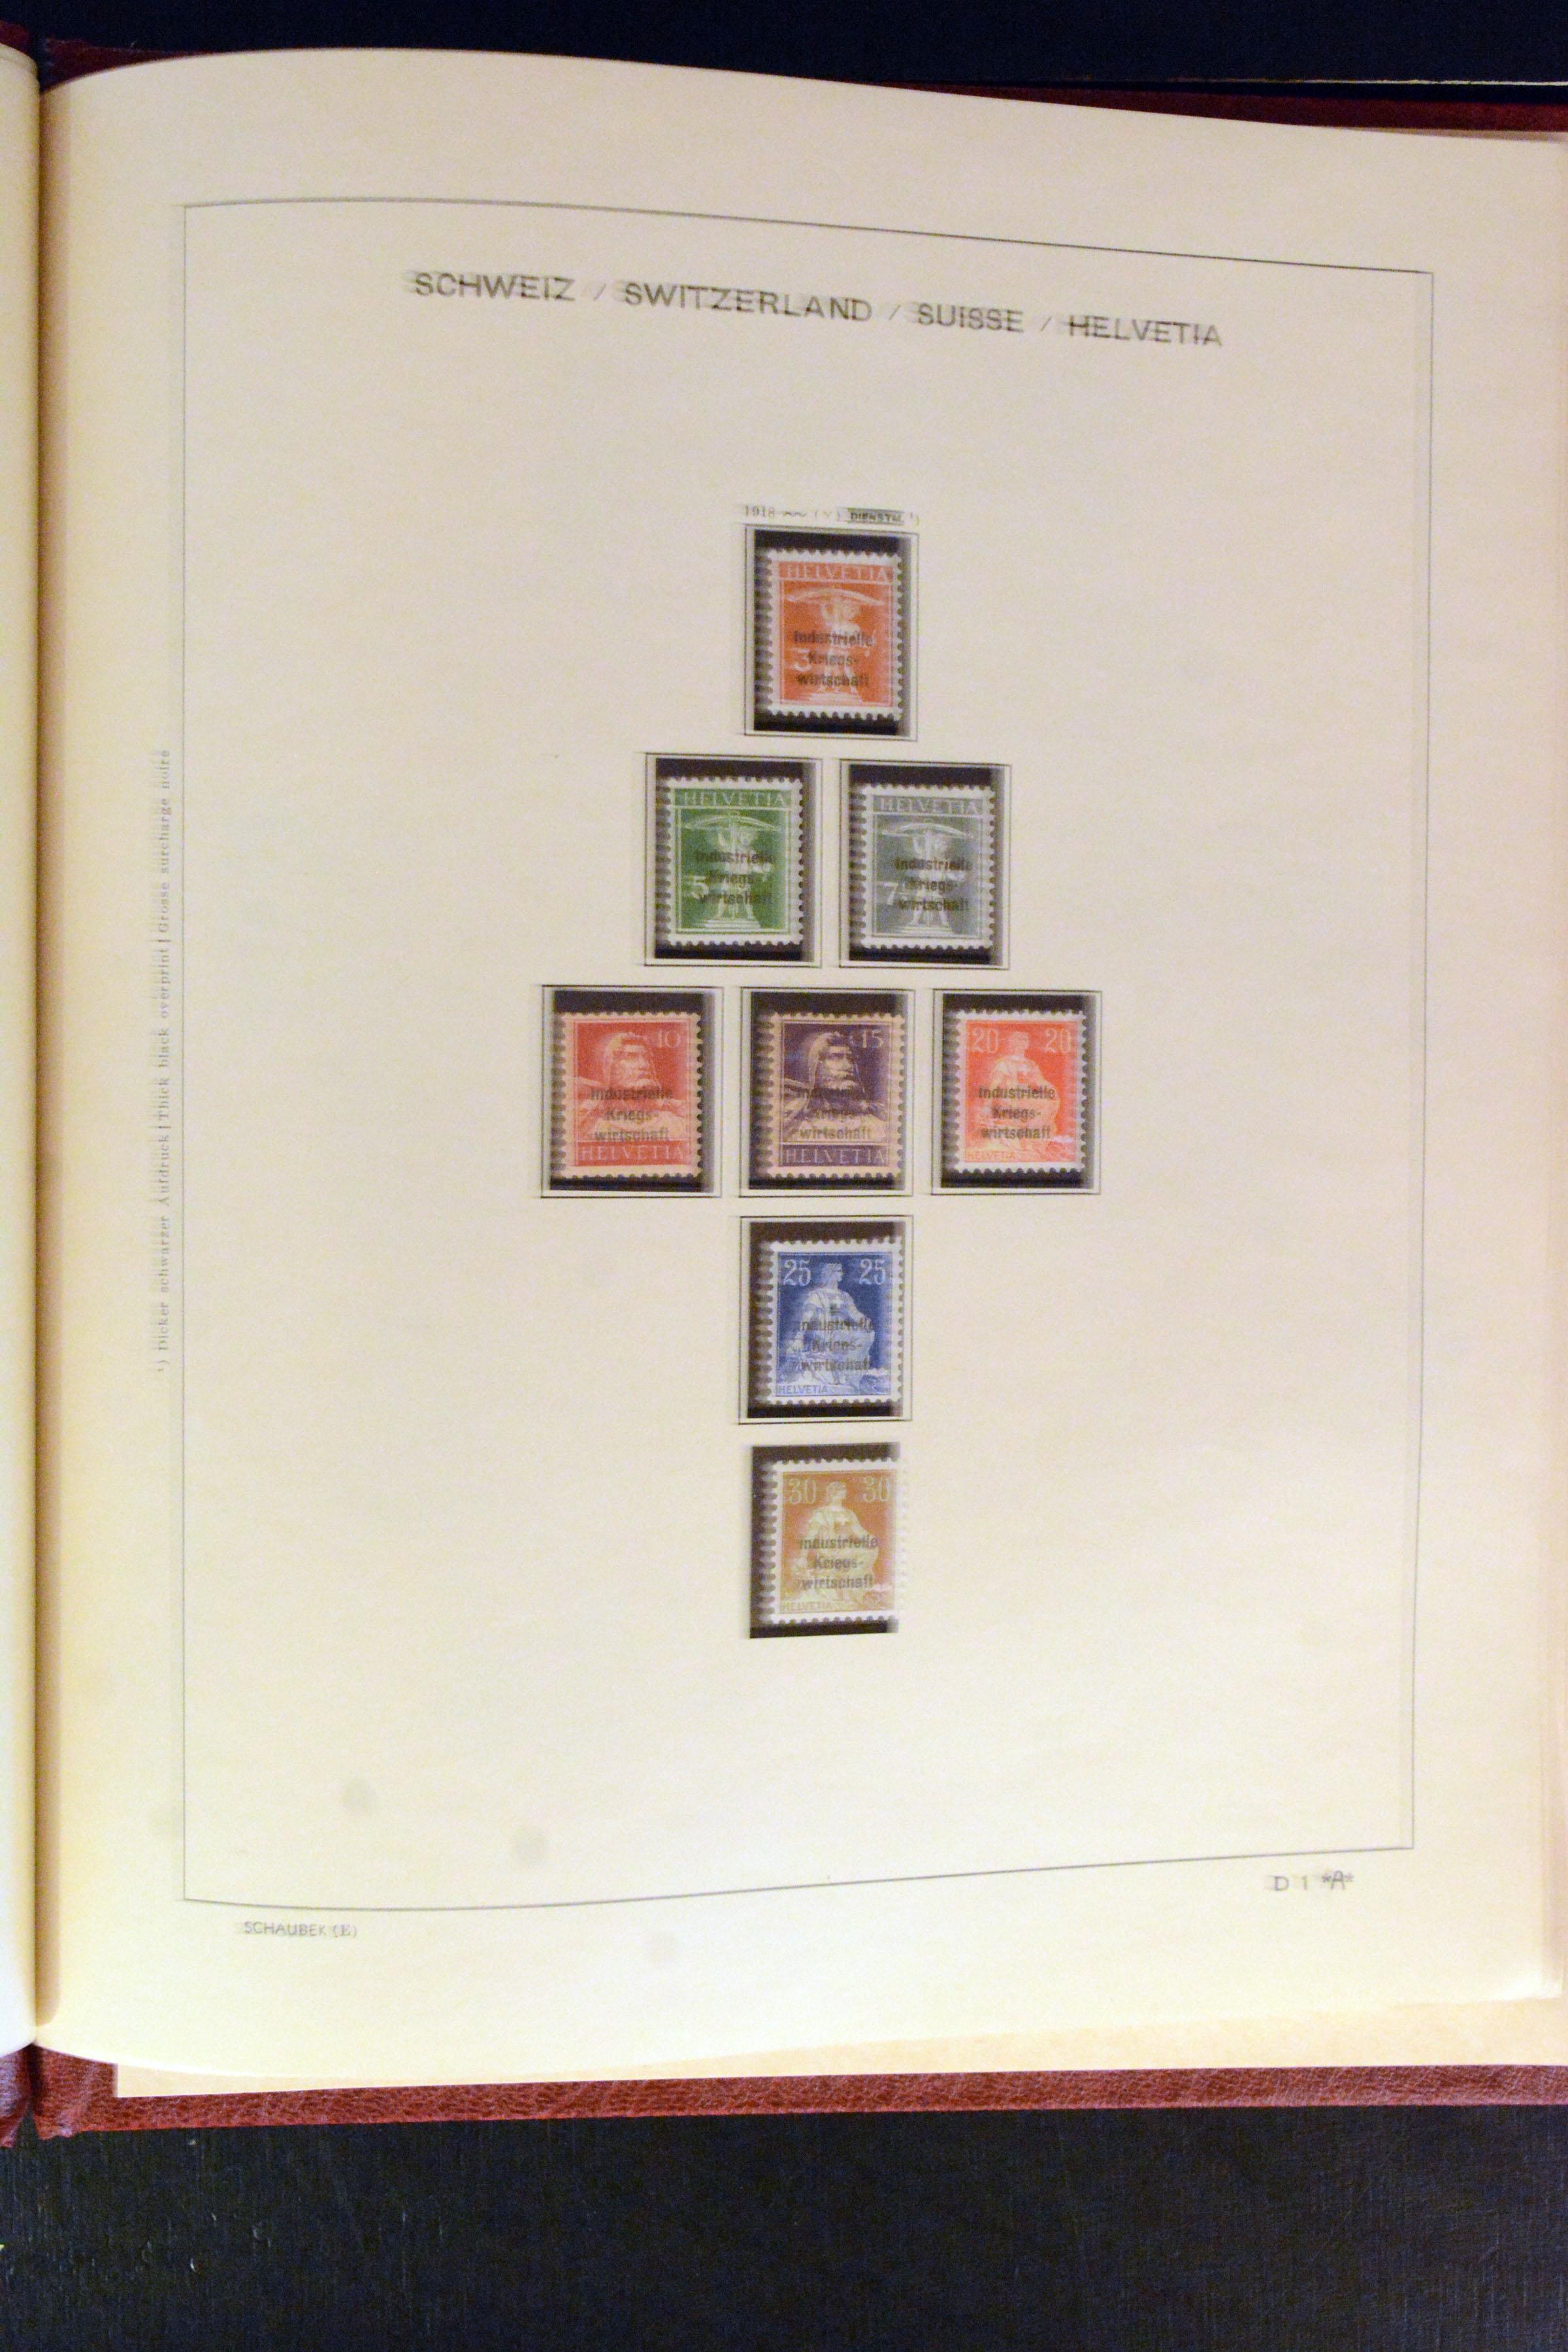 Lot 4353 - Switzerland swiss federal post -  Heinrich Koehler Auktionen Auction #368- Day 3